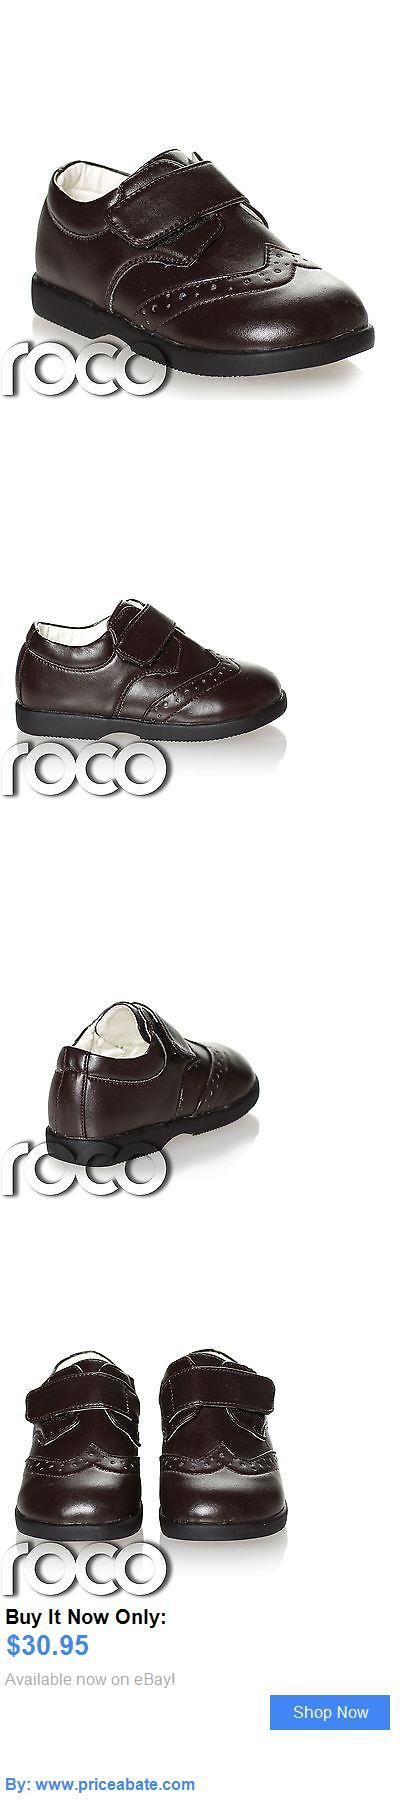 Baby Boy Shoes: Boys Dark Brown Brogue Shoes, Boys Formal Shoes, Page Boy Shoes, Baby Shoes BUY IT NOW ONLY: $30.95 #priceabateBabyBoyShoes OR #priceabate